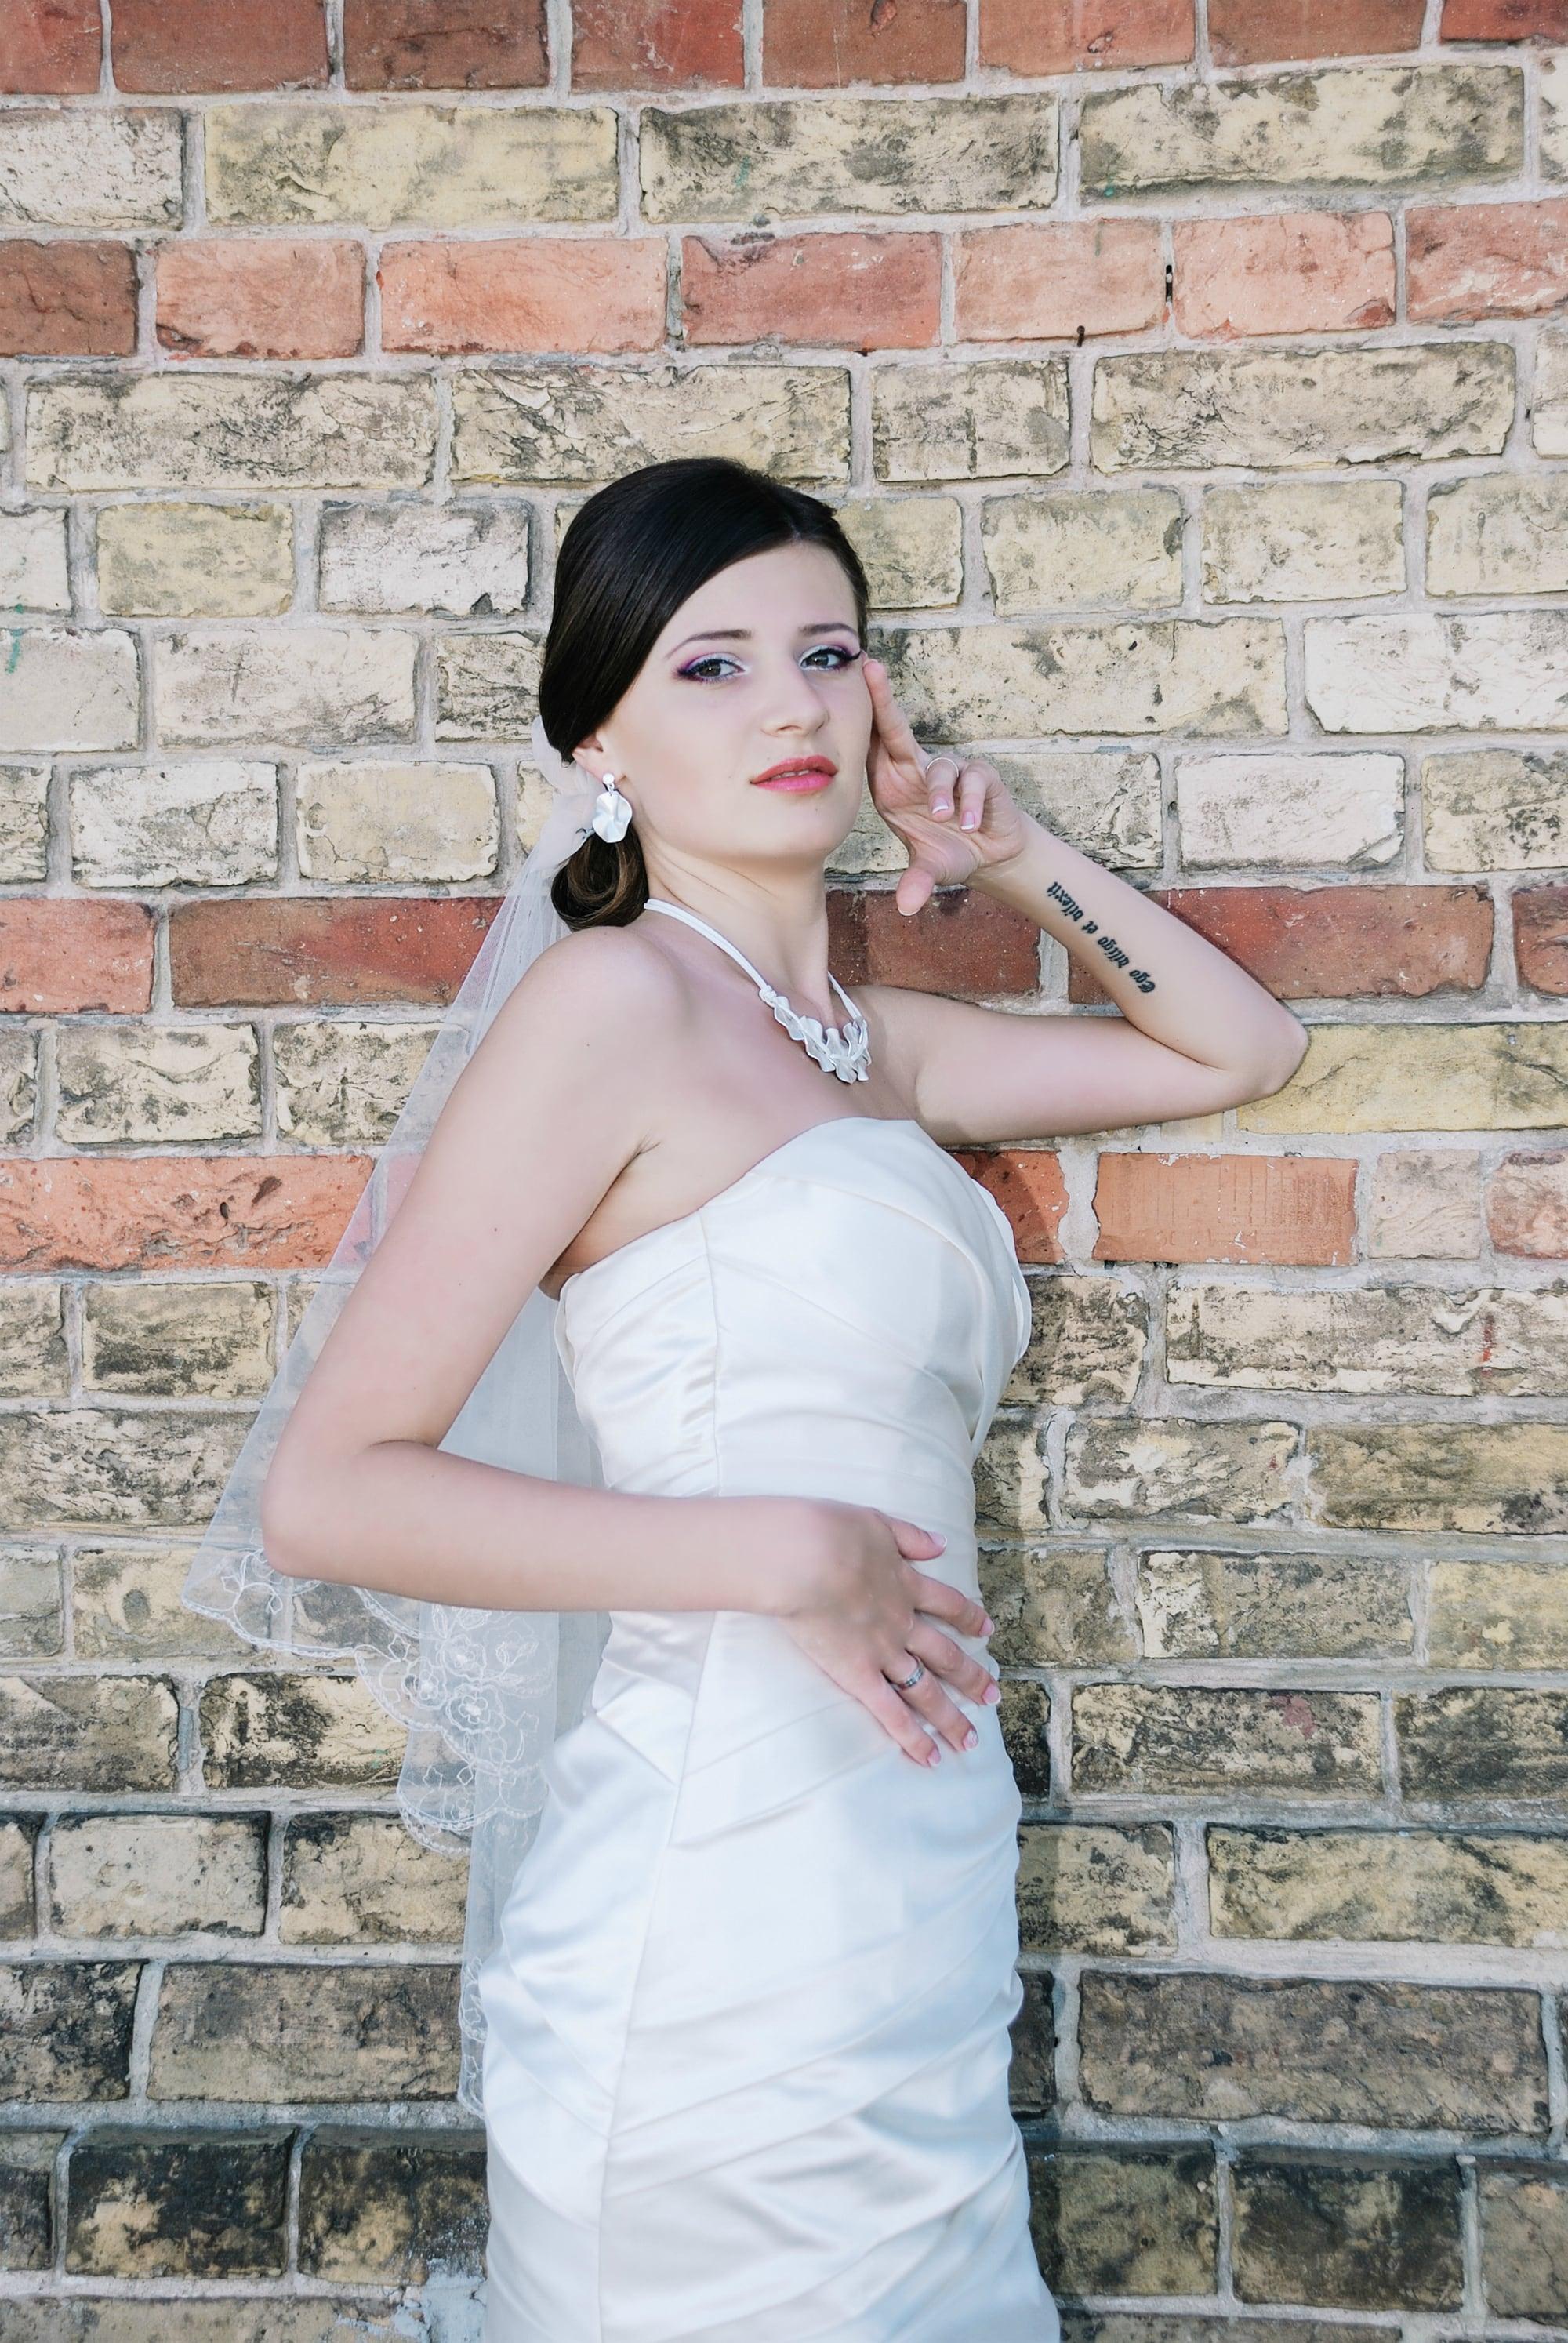 Невеста с татуировкой возле стены - Фотограф Киев - Женя Лайт